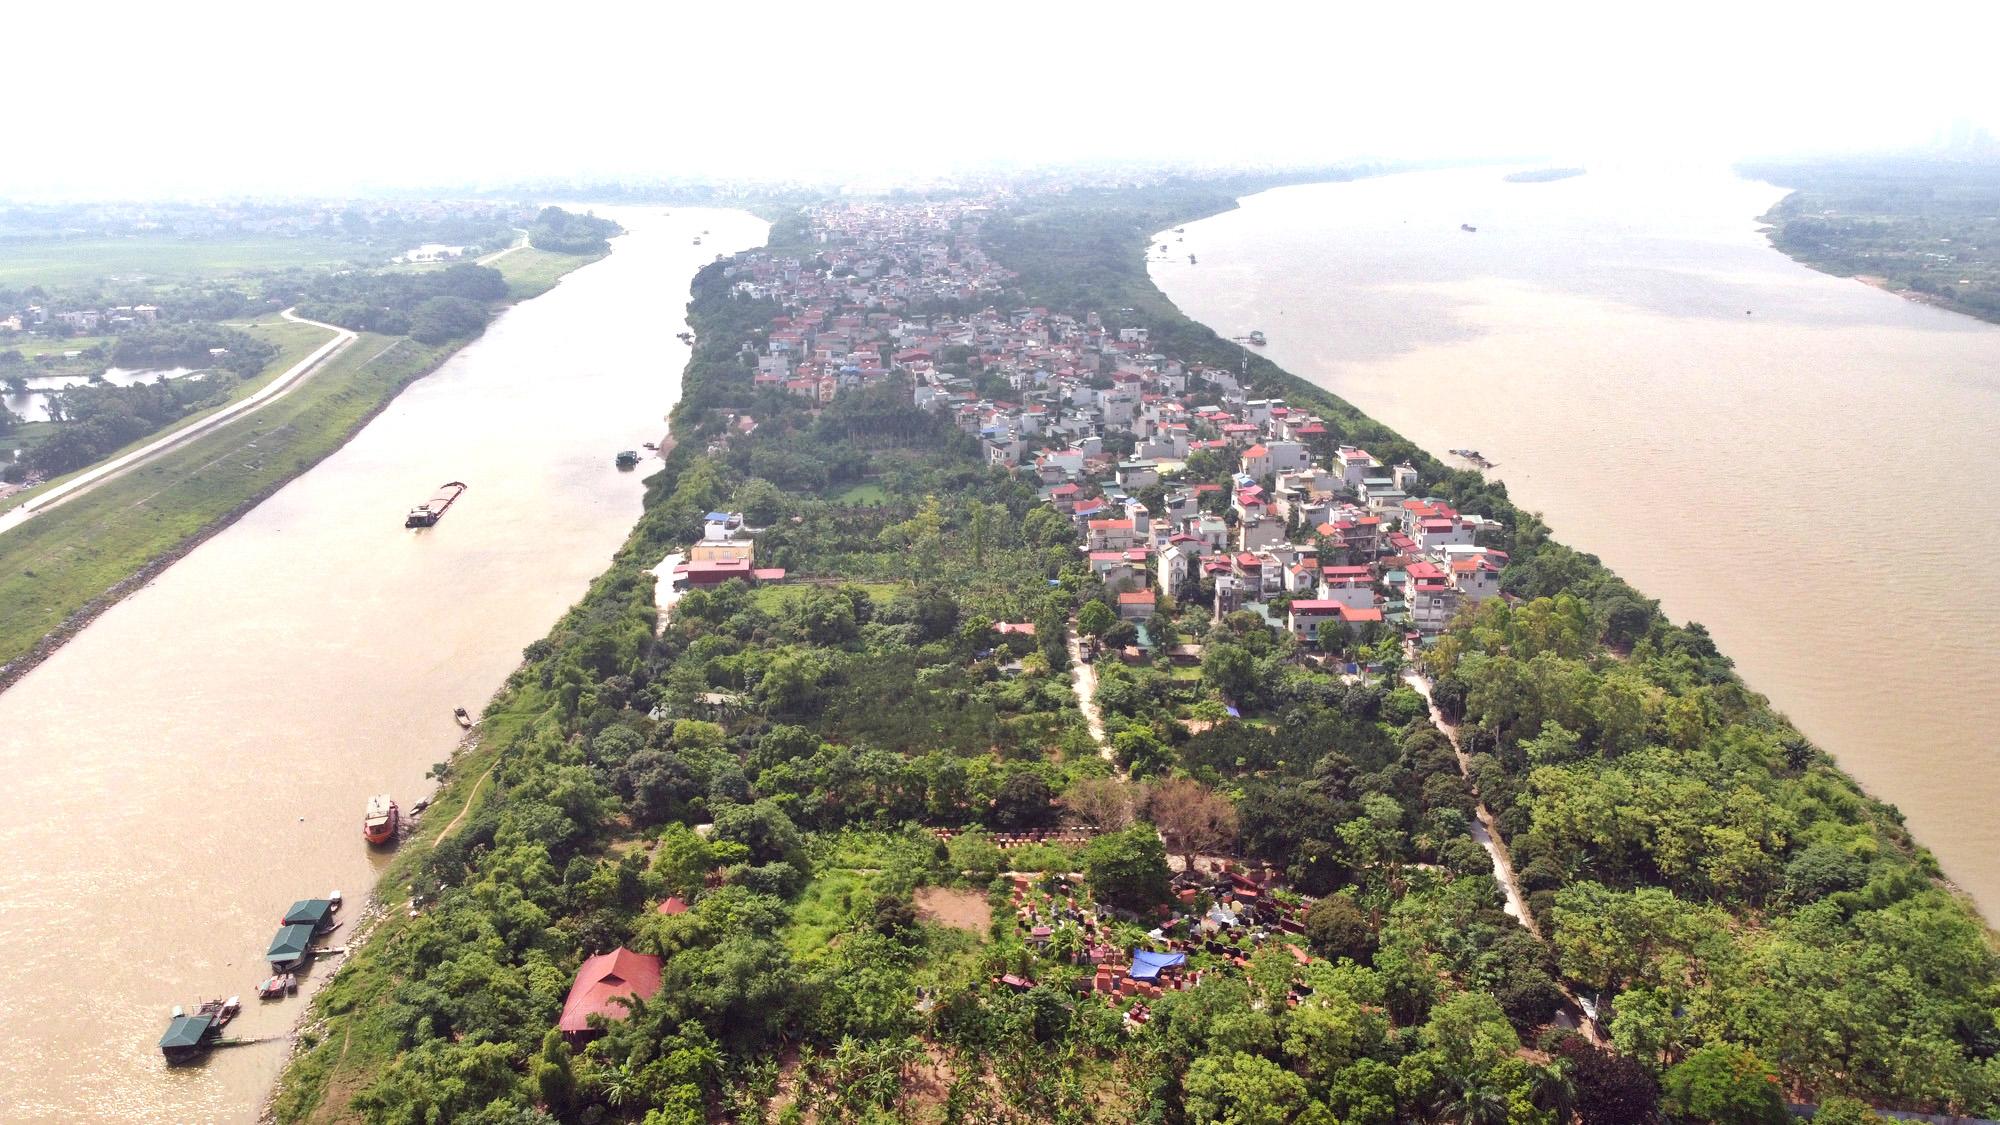 Cận cảnh những 'bán đảo' ngay giữa trung tâm Hà Nội - Ảnh 2.